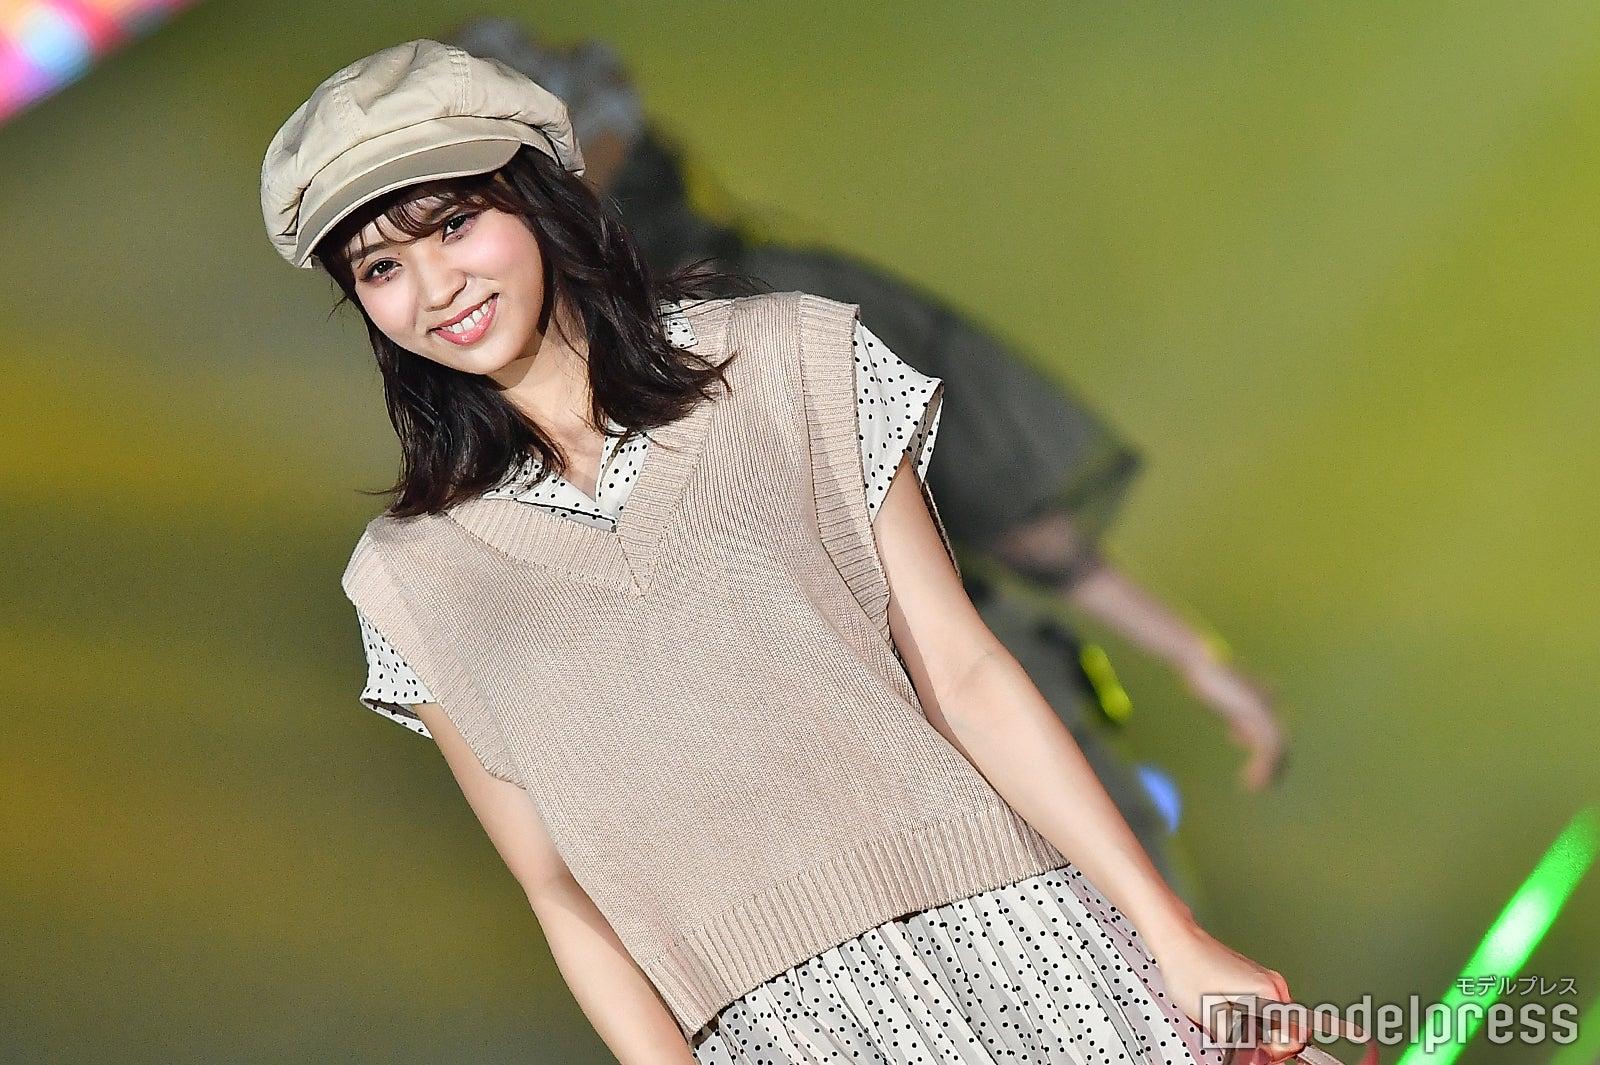 【画像】TGC富山に登場した欅坂46メンバーがいくらなんでもブスすぎるんじゃないかと話題にwwwwwwwwwwwwwww